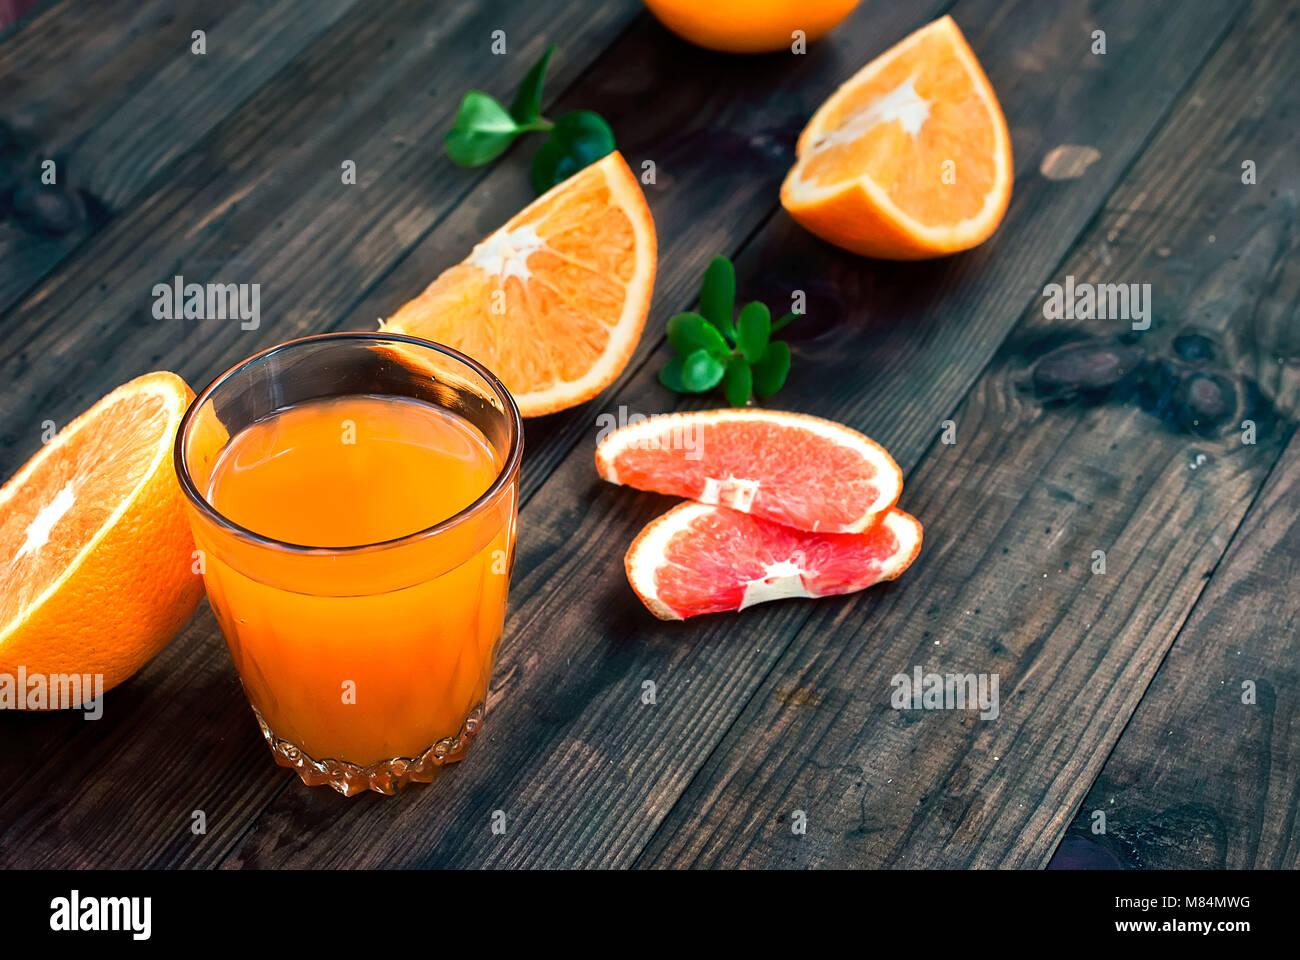 Bicchiere di succo d'arancia fresco, tutta arancione e fettine di arancia gruppo al buio su un tavolo di legno Immagini Stock